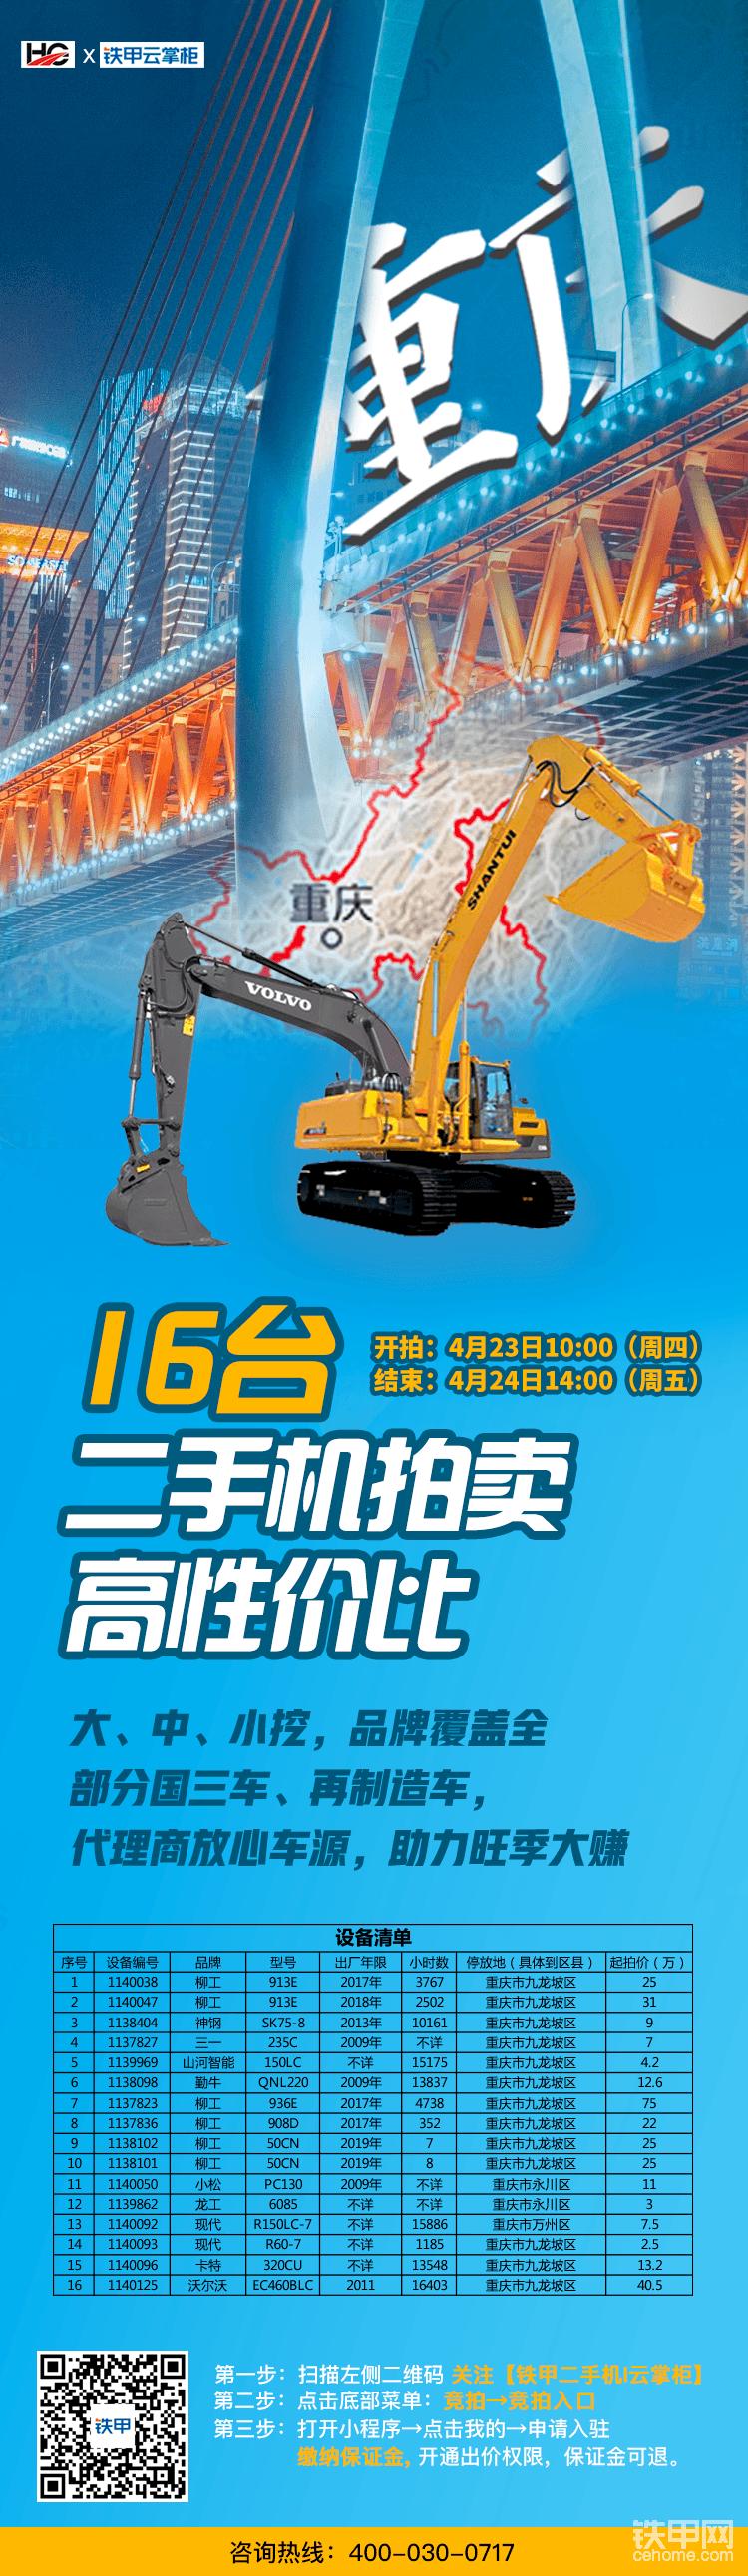 16台挖机!2.5万起拍!坐标重庆!大中小挖,品牌全覆盖-帖子图片